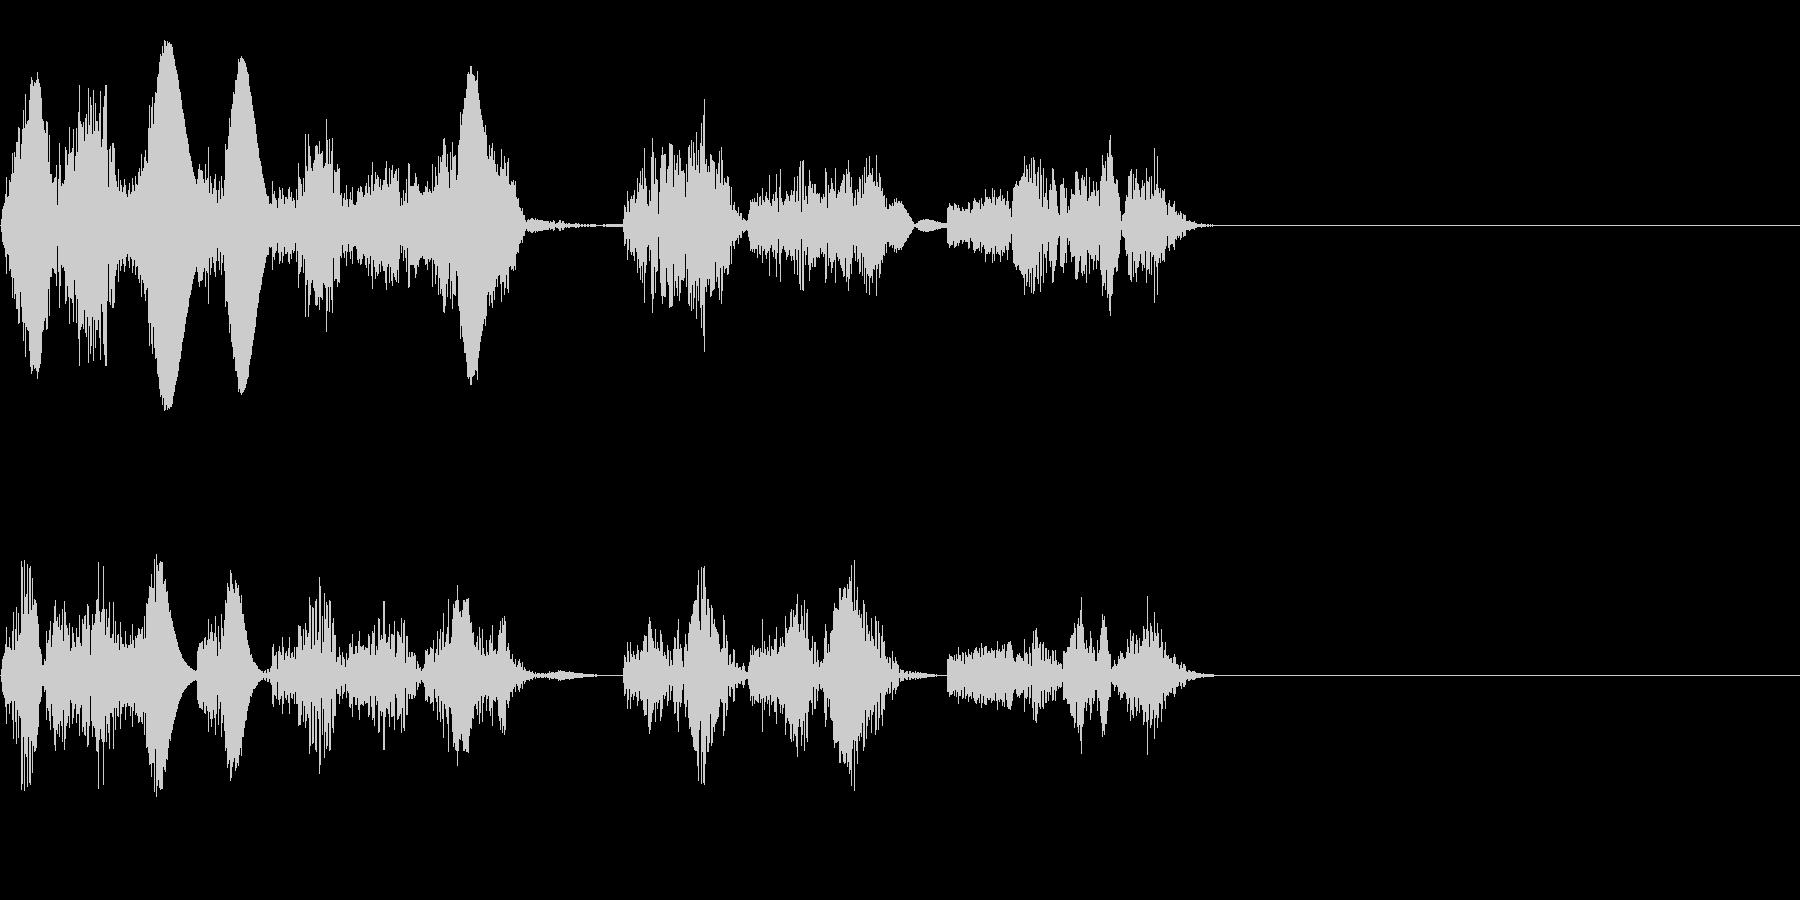 ロボットやエイリアンの発声音にの未再生の波形